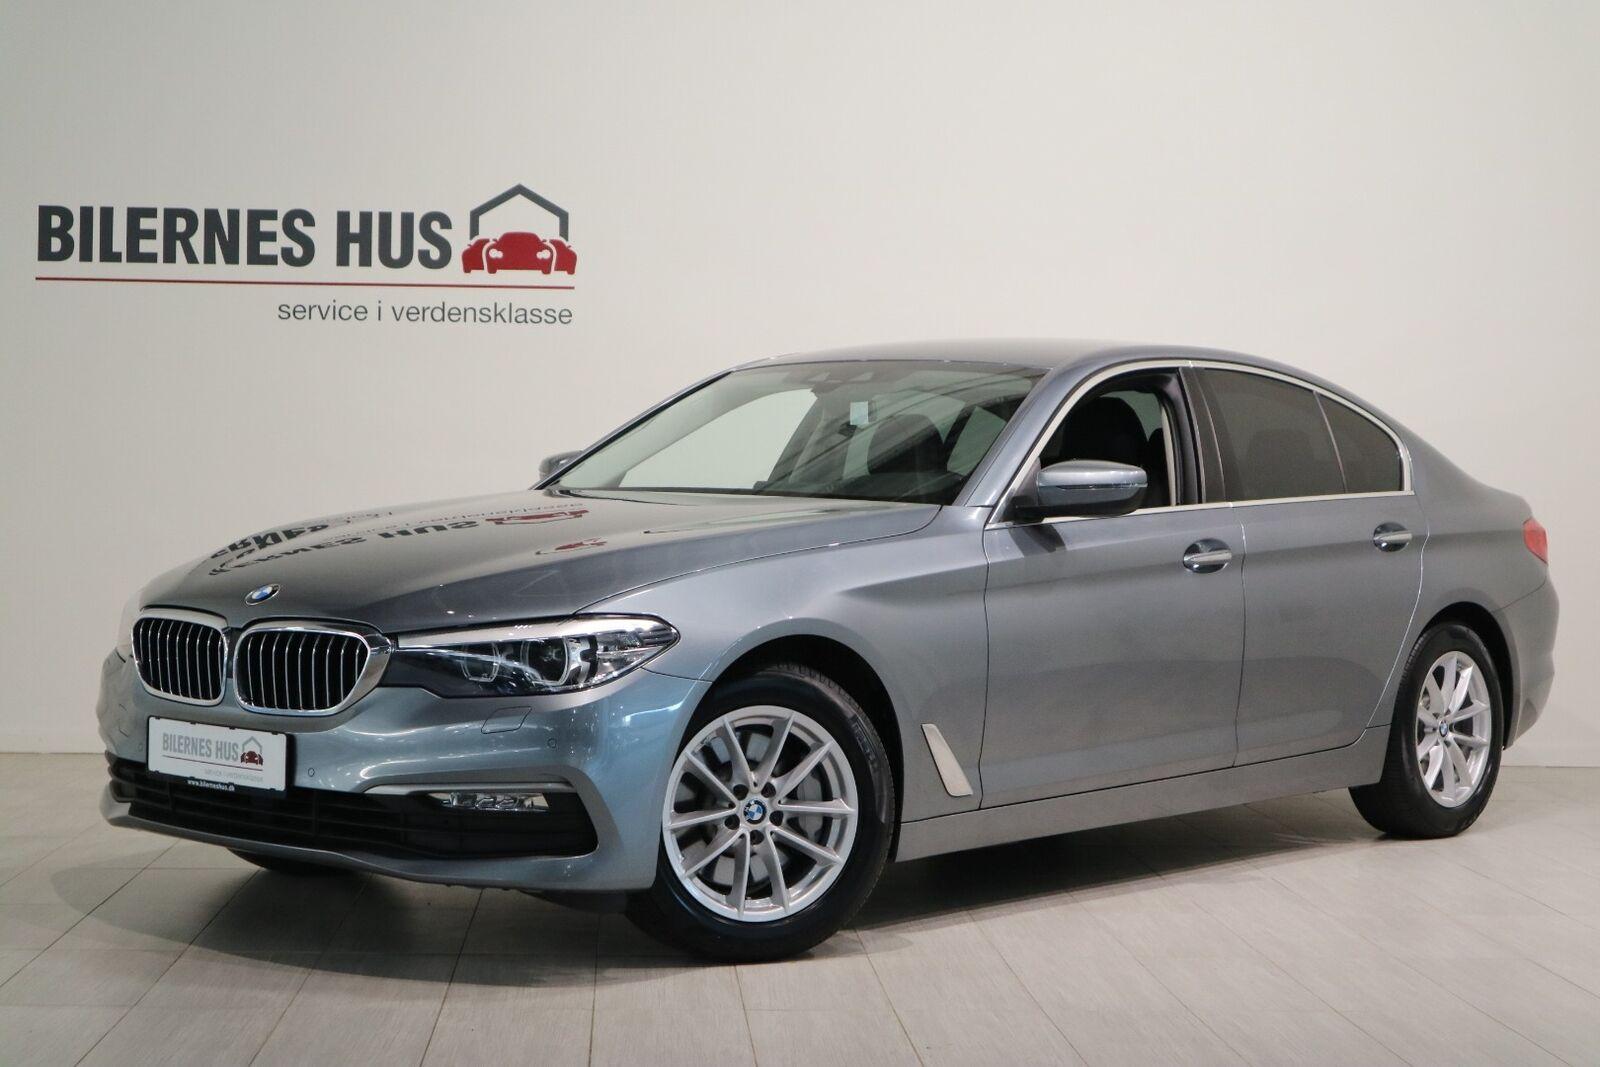 BMW 530i Billede 2